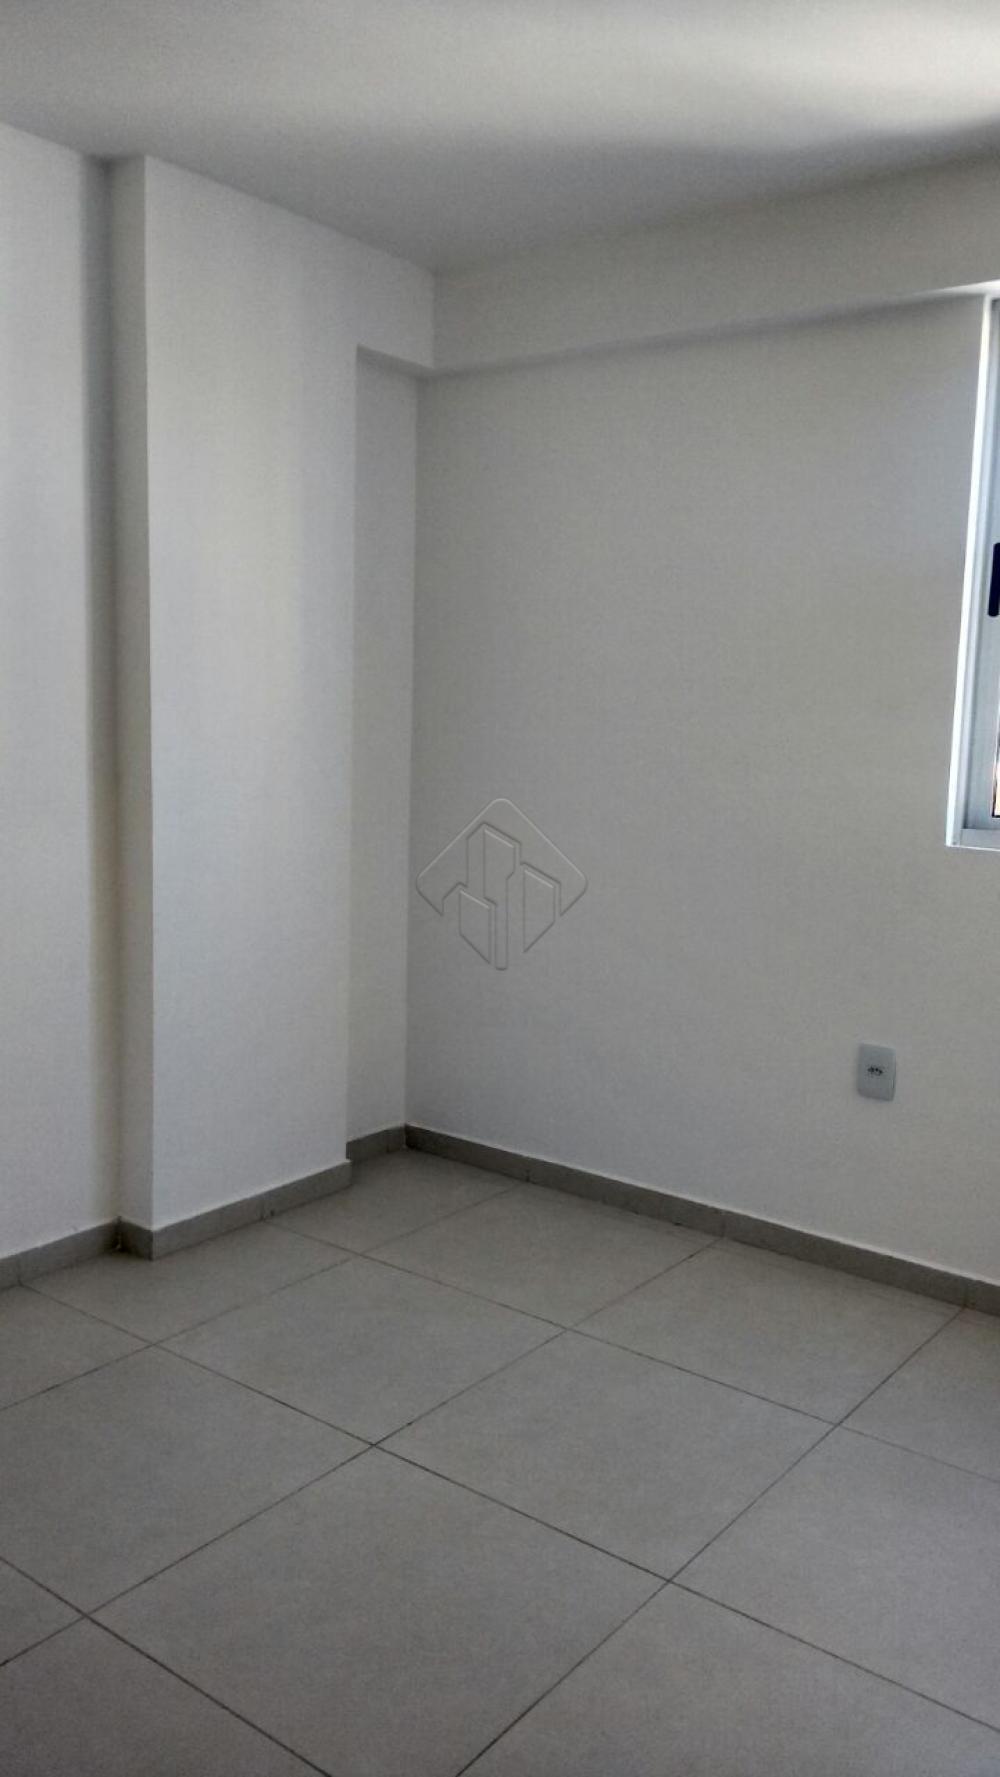 Comprar Apartamento / Padrão em João Pessoa apenas R$ 235.000,00 - Foto 6